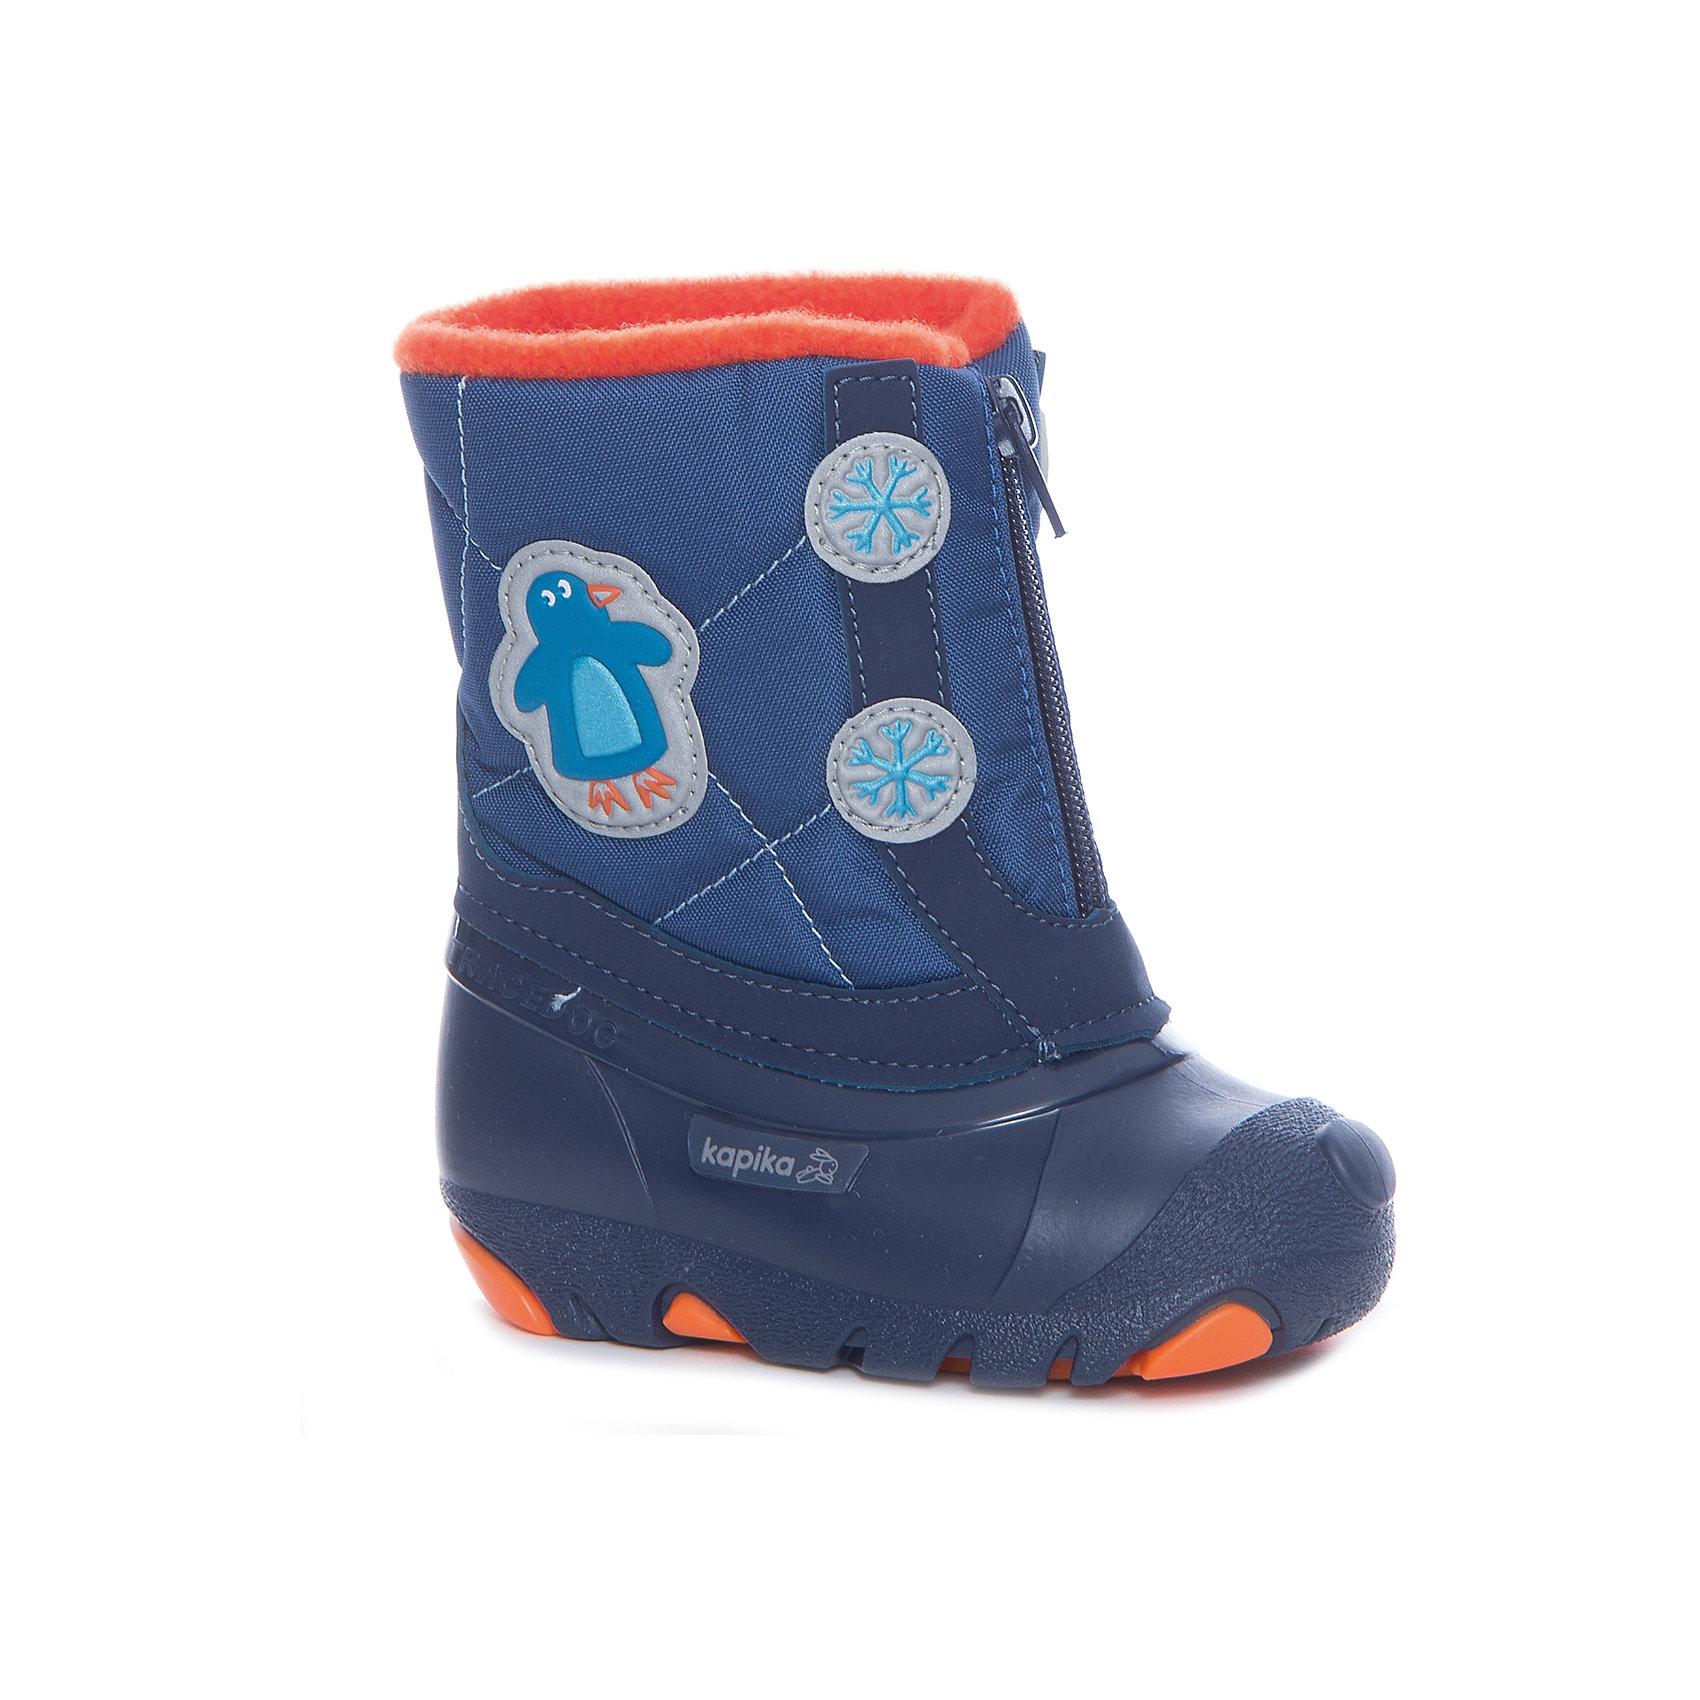 Сапоги  KAPIKAСапоги  KAPIKA.<br><br>Температурный режим: до -20 градусов. Степень утепления – средняя. <br><br>* Температурный режим указан приблизительно — необходимо, прежде всего, ориентироваться на ощущения ребенка. <br> <br>Сапоги-дутики защитят ноги малыша от снега и дождя. Благодаря теплому меху внутри их можно носить даже в очень холодную погоду. Подошва сделана с противоскользящим эффектом. Сапоги имеют форму цельного валенка, вклеенного в сапоги-галоши. Это дает дополнительную защиту от влаги и холода. Застегиваются на молнию спереди.<br><br>Дополнительная информация:<br><br>- материал верха: искусственная кожа, текстиль<br>- материал подкладки: 80% шерсть, 20% искусственный мех<br><br>Сапоги  KAPIKA можно купить в нашем интернет магазине.<br><br>Ширина мм: 257<br>Глубина мм: 180<br>Высота мм: 130<br>Вес г: 420<br>Цвет: разноцветный<br>Возраст от месяцев: 12<br>Возраст до месяцев: 15<br>Пол: Унисекс<br>Возраст: Детский<br>Размер: 26,25,21,24,23,22<br>SKU: 4988184